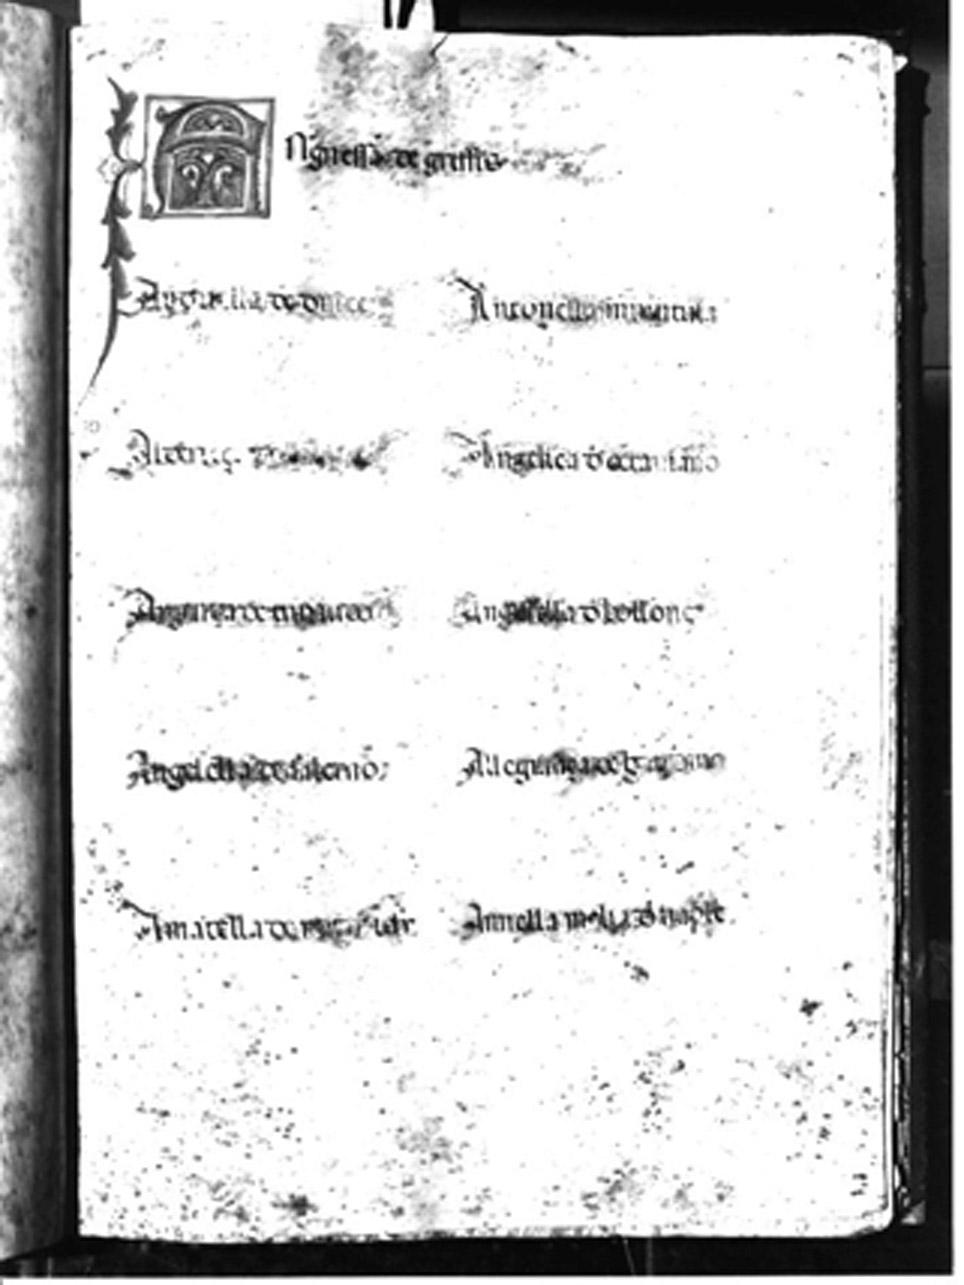 miniatura - AMBITO NAPOLETANO (Seconda metà sec. XV)